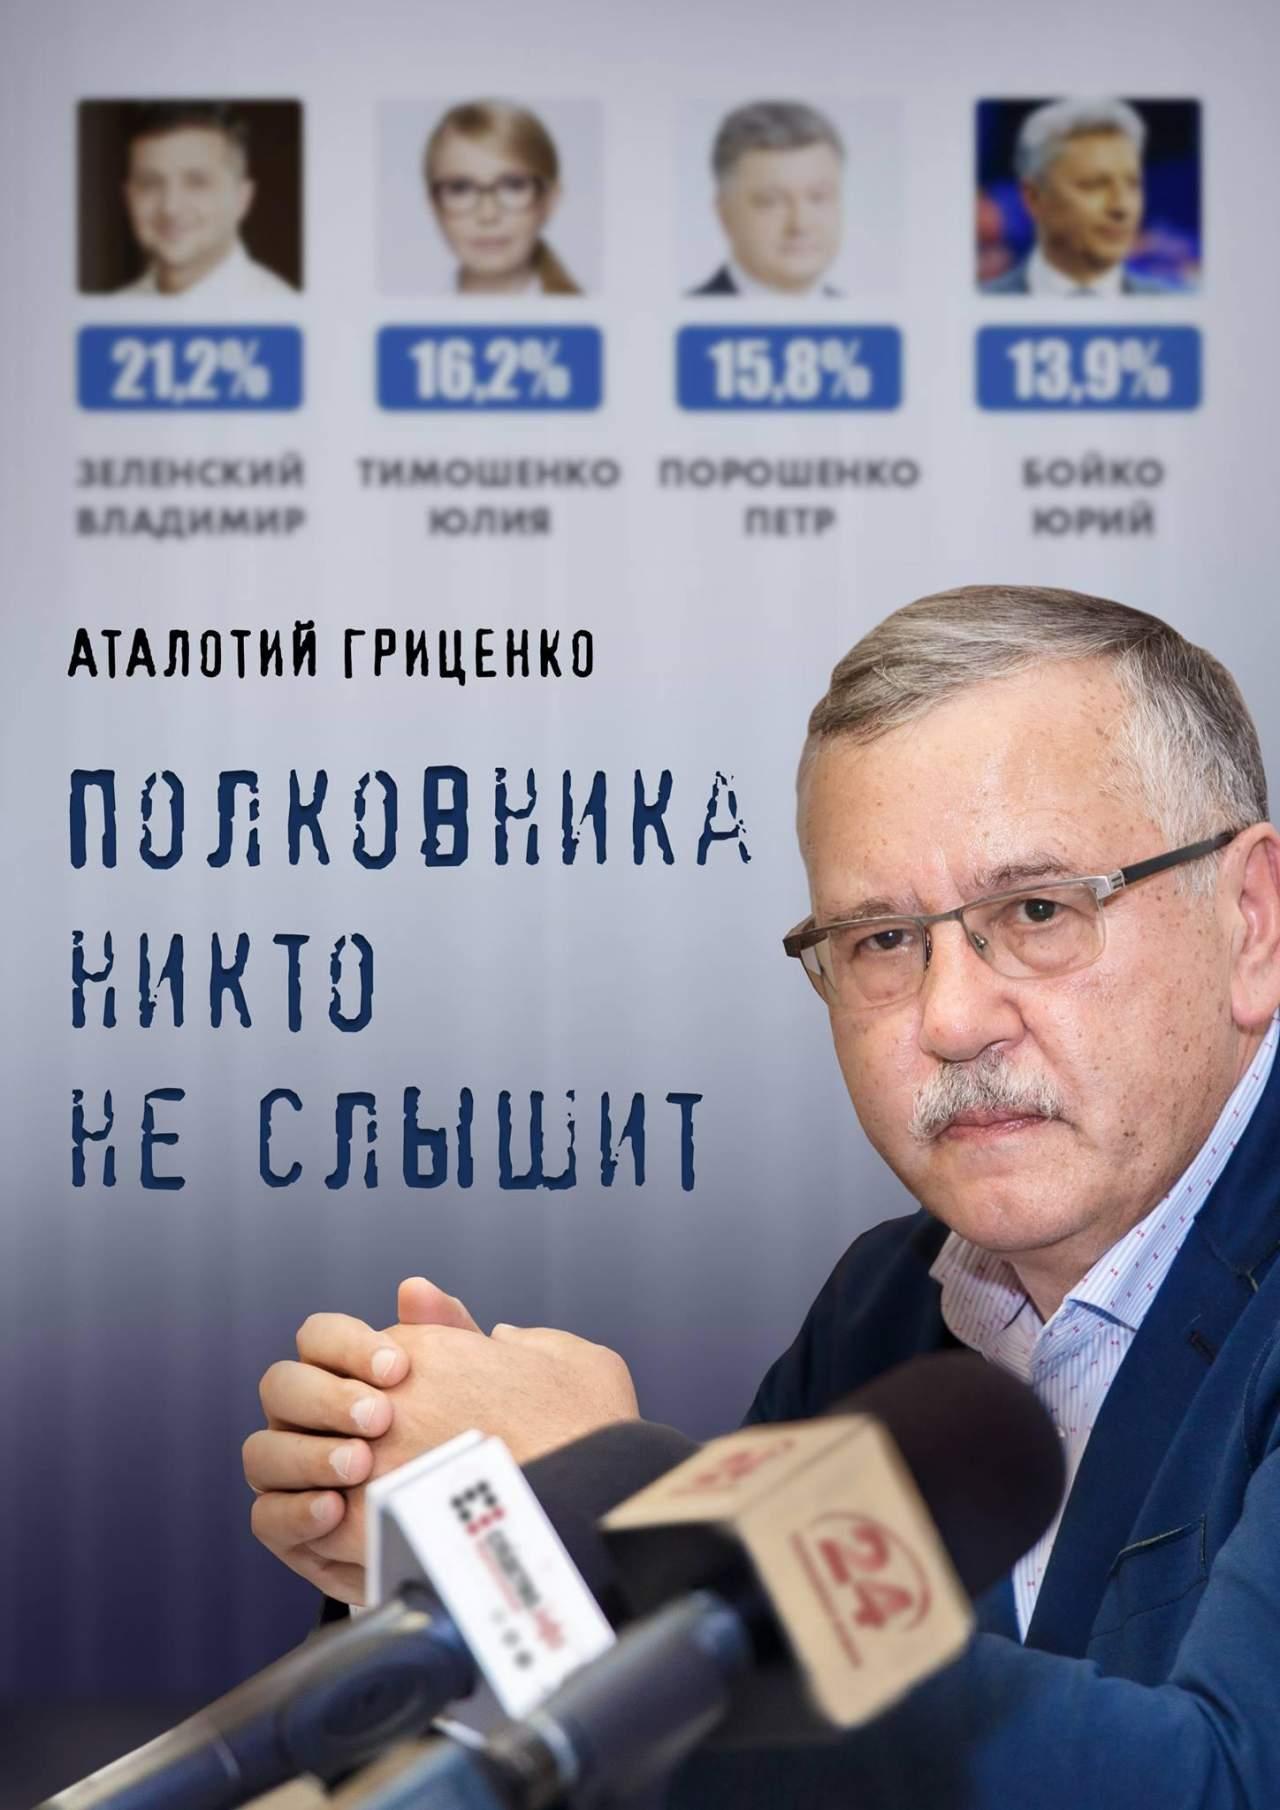 Зеленский-Гриценко: кандидат в президенты Украины вызвал конкурента на дебаты